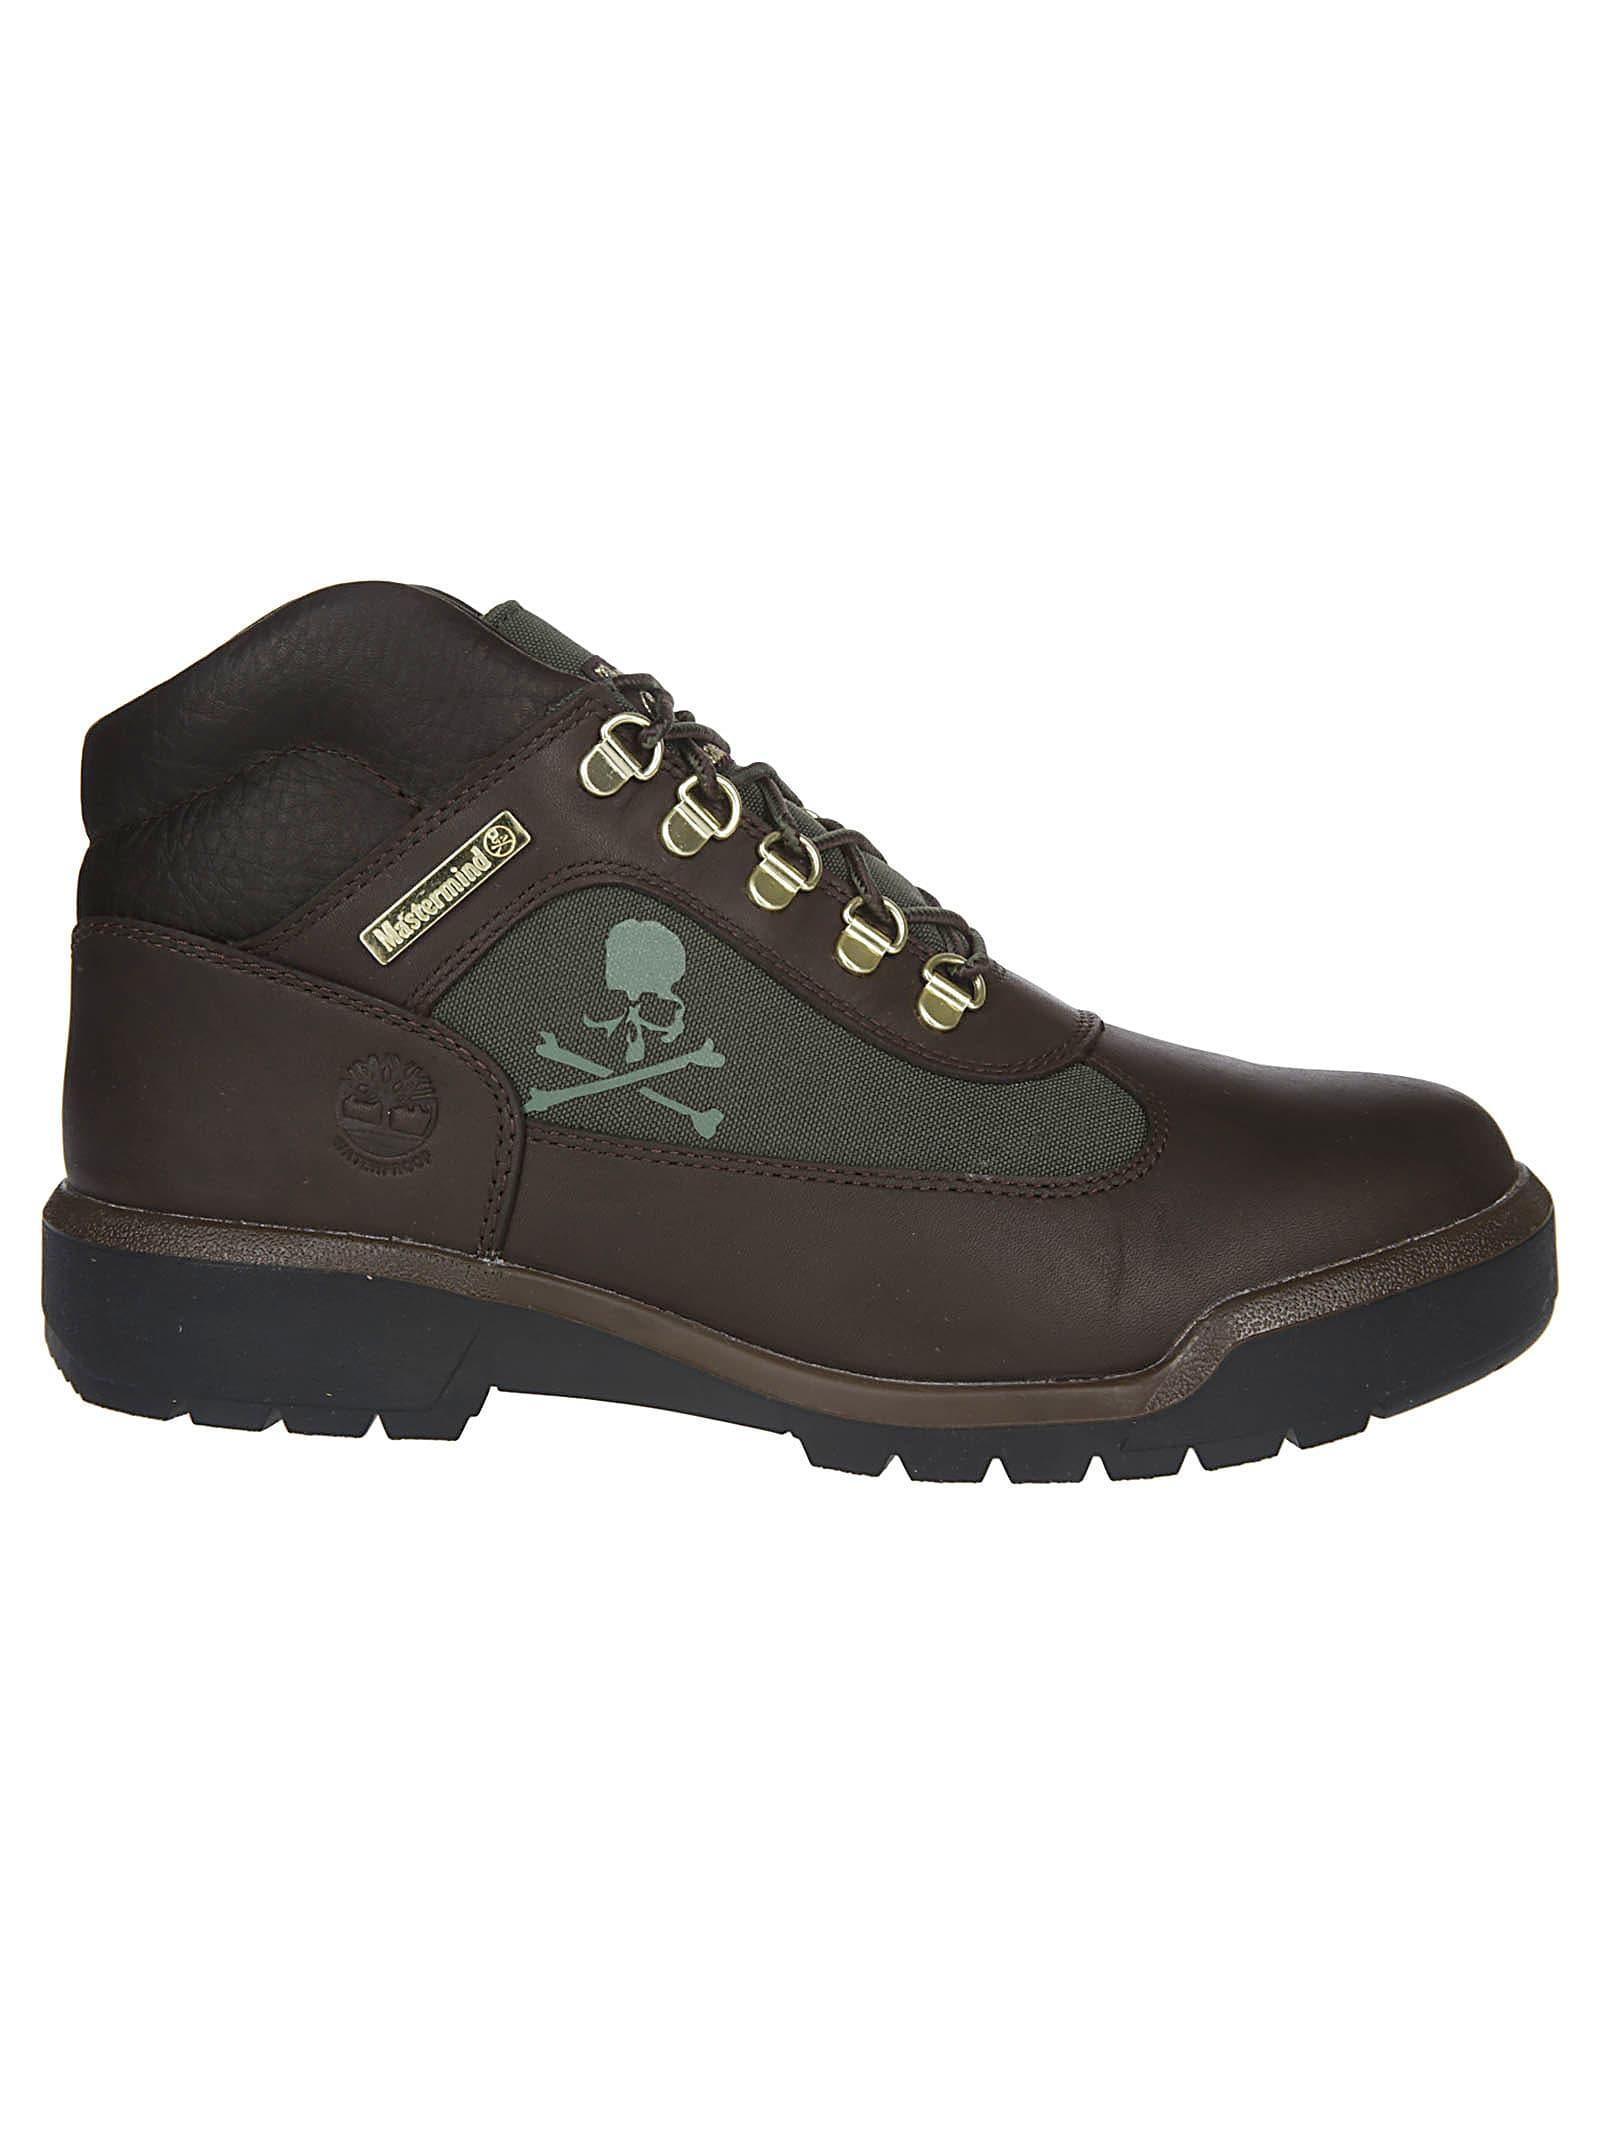 MASTERMIND WORLD Skull Logo Hiking Boots